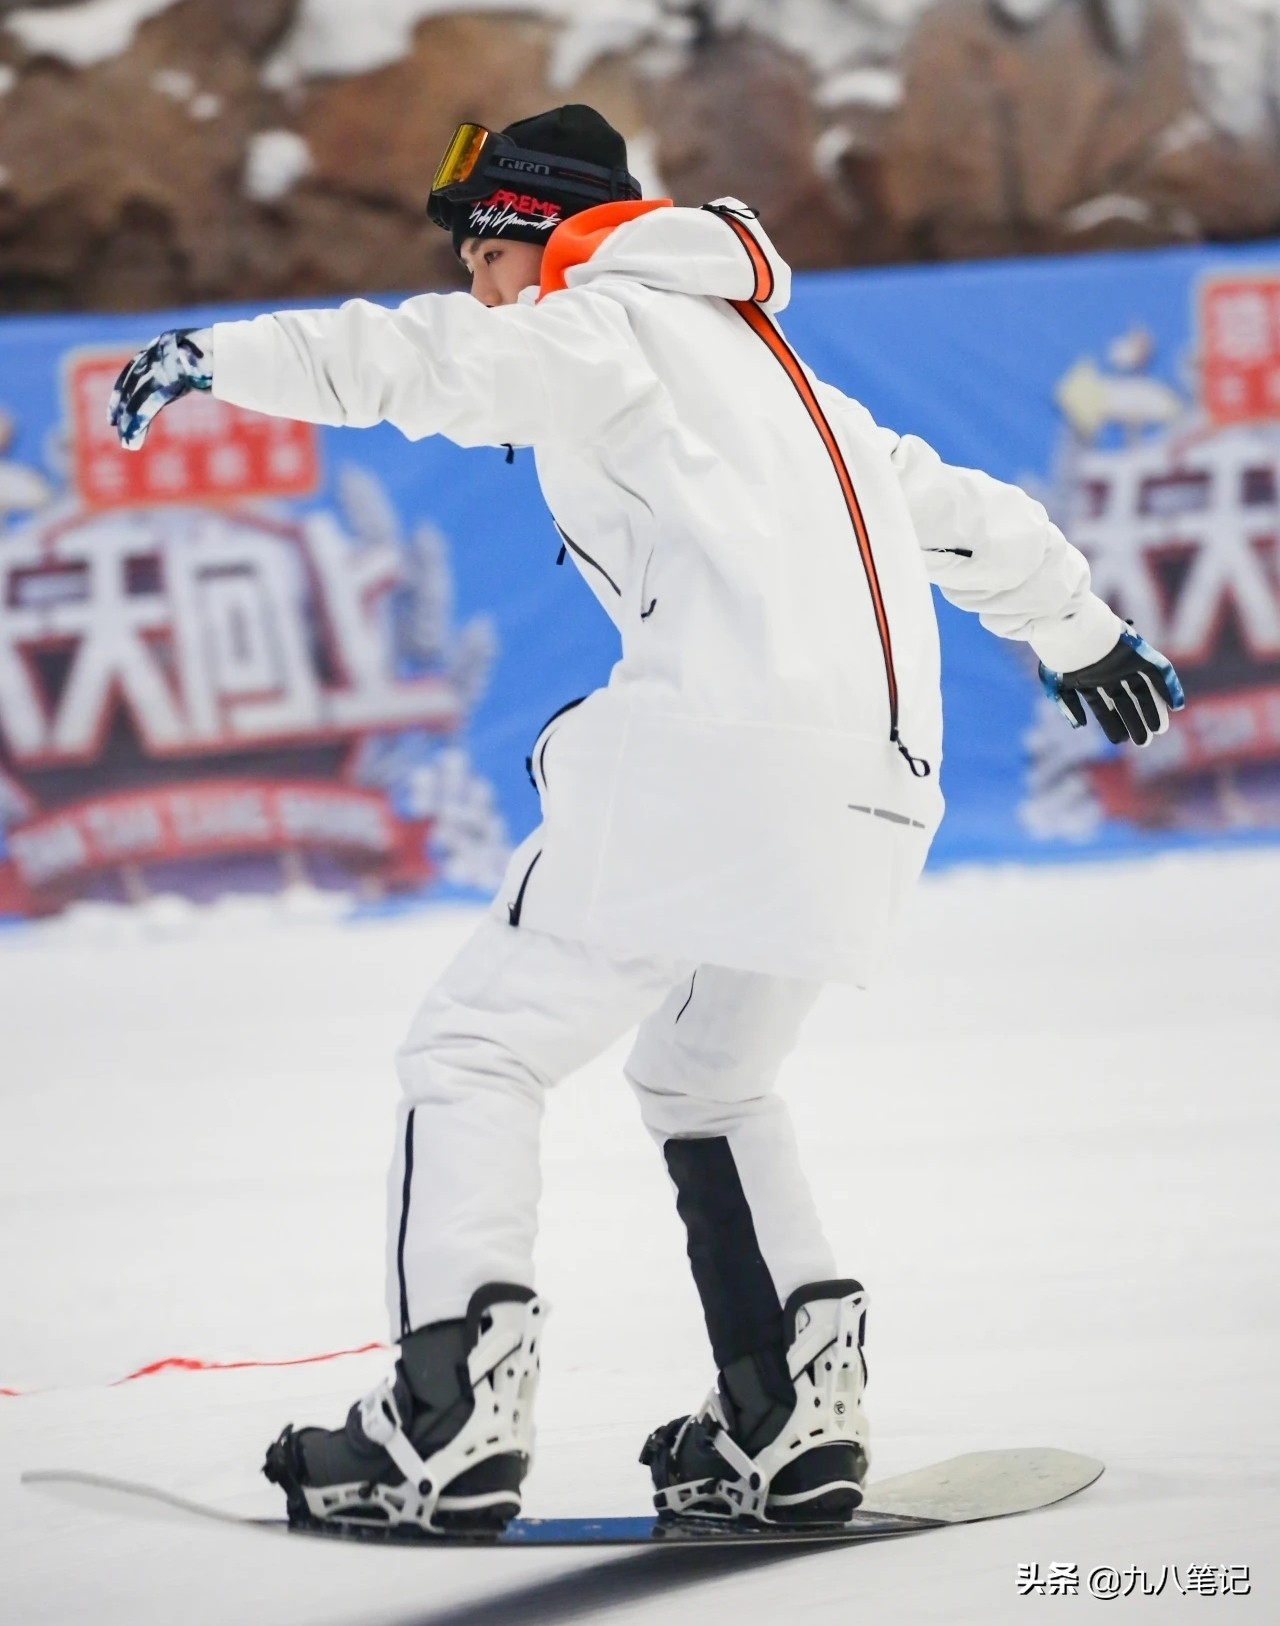 """《天天向上》晒王一博的滑雪照,一句话暴露""""迷妹""""身份"""